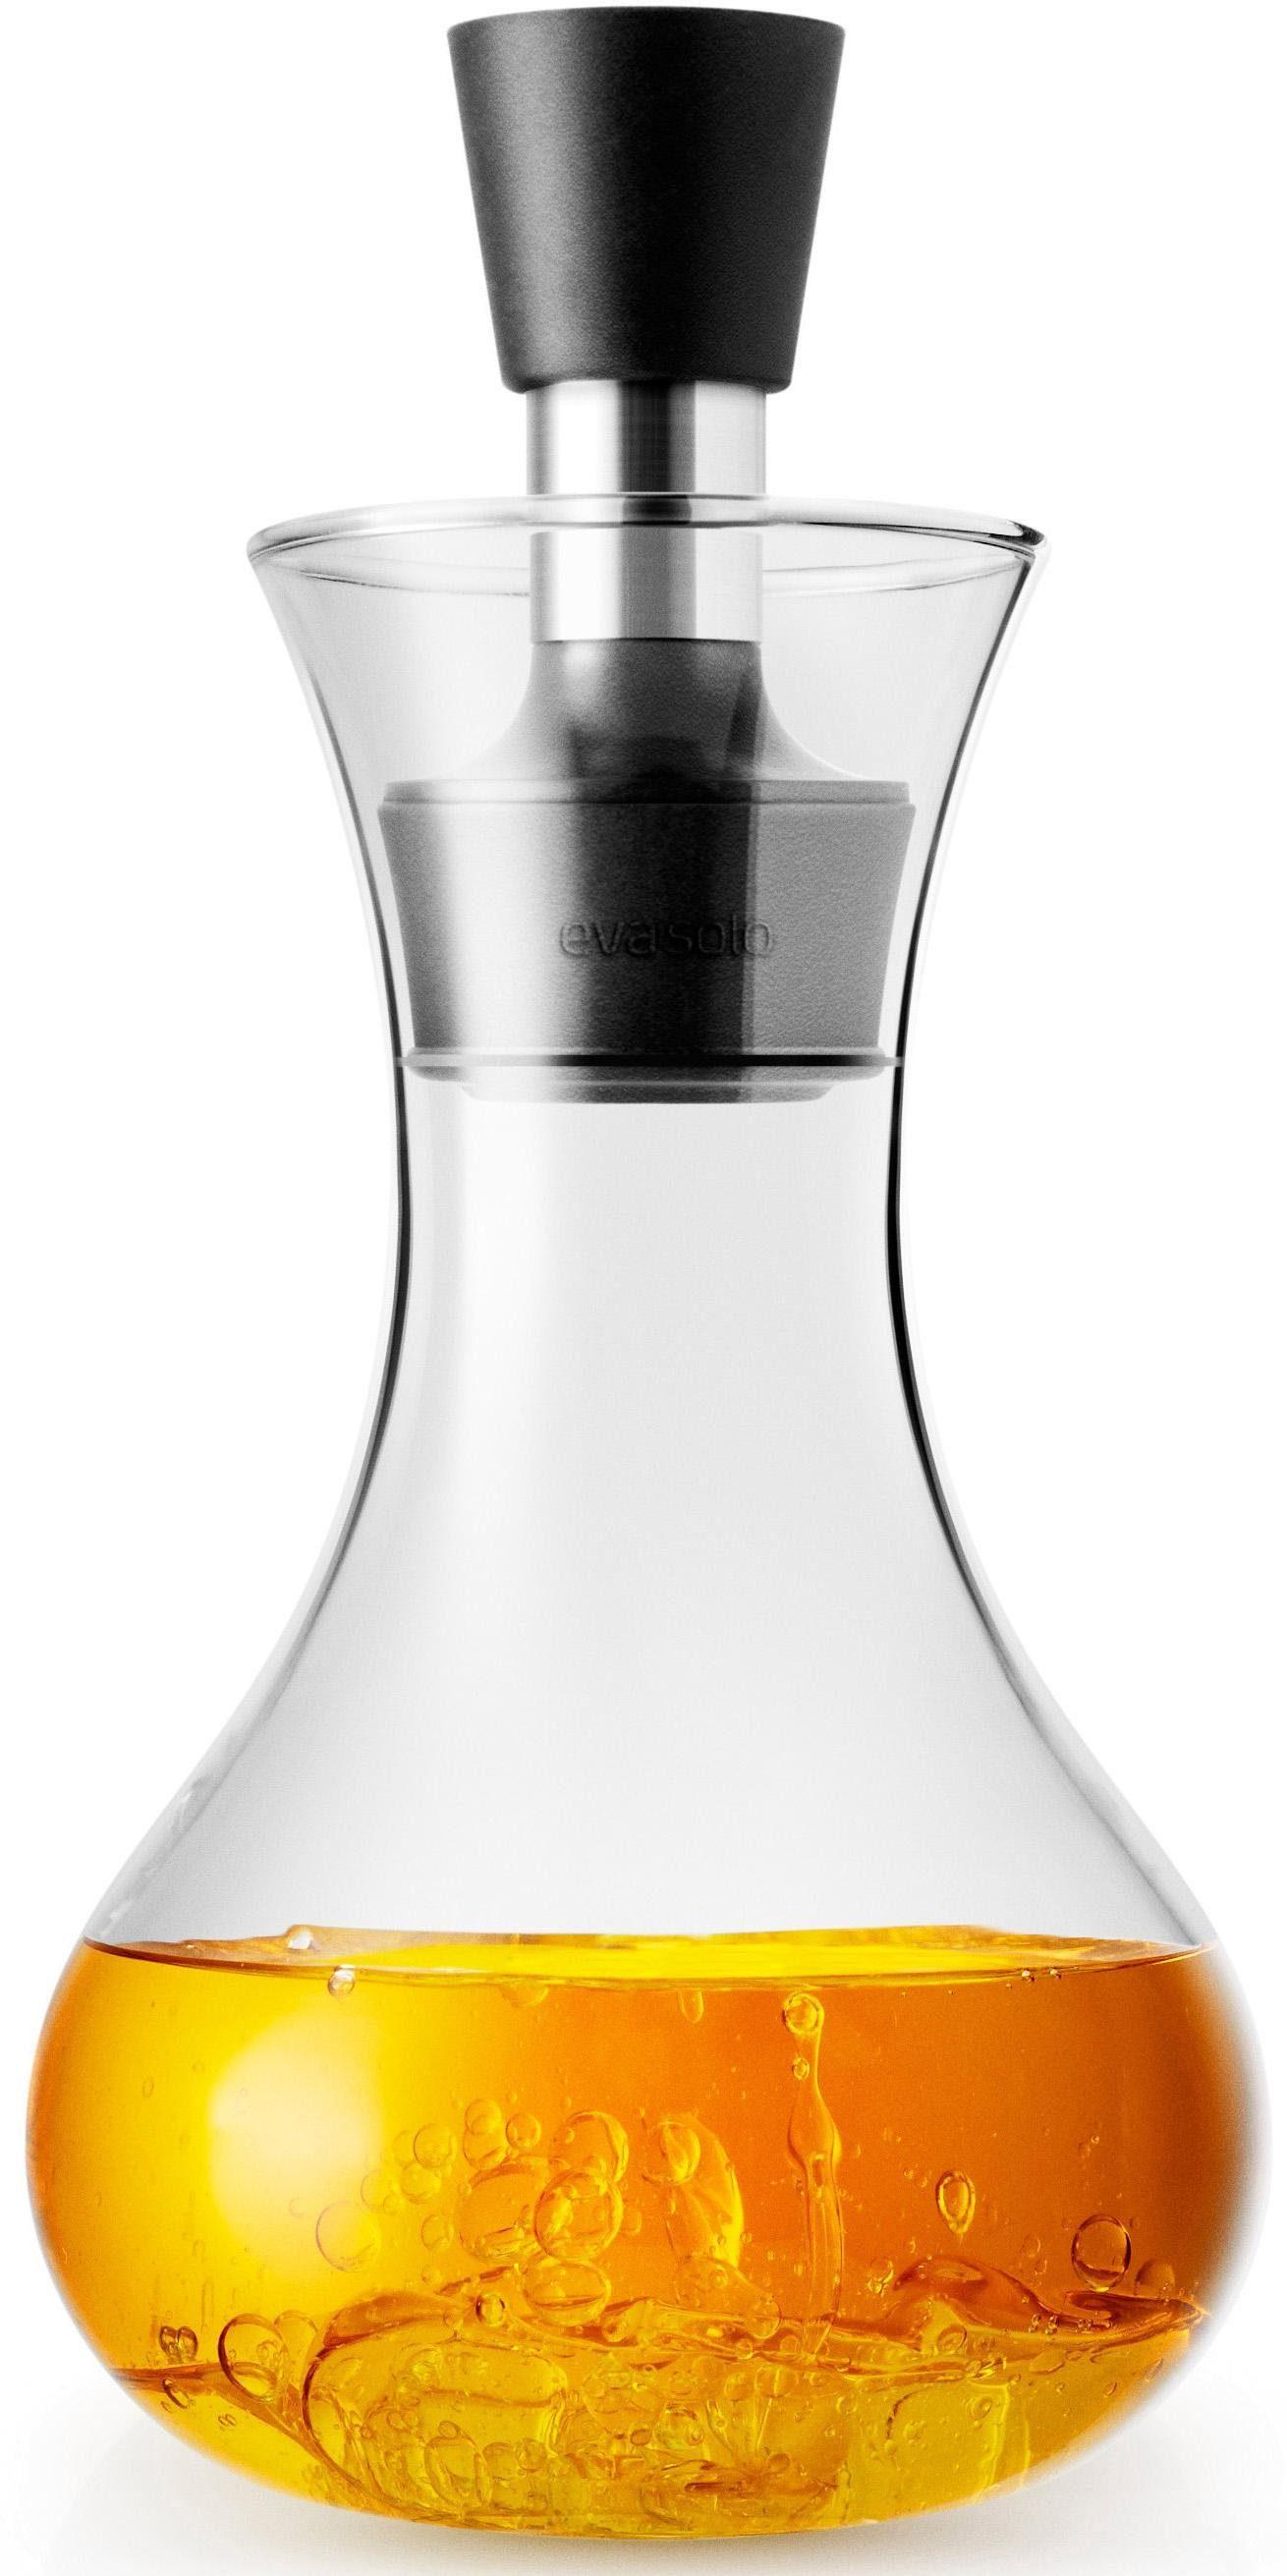 eva solo Dressing-Shaker, 0,25 Liter